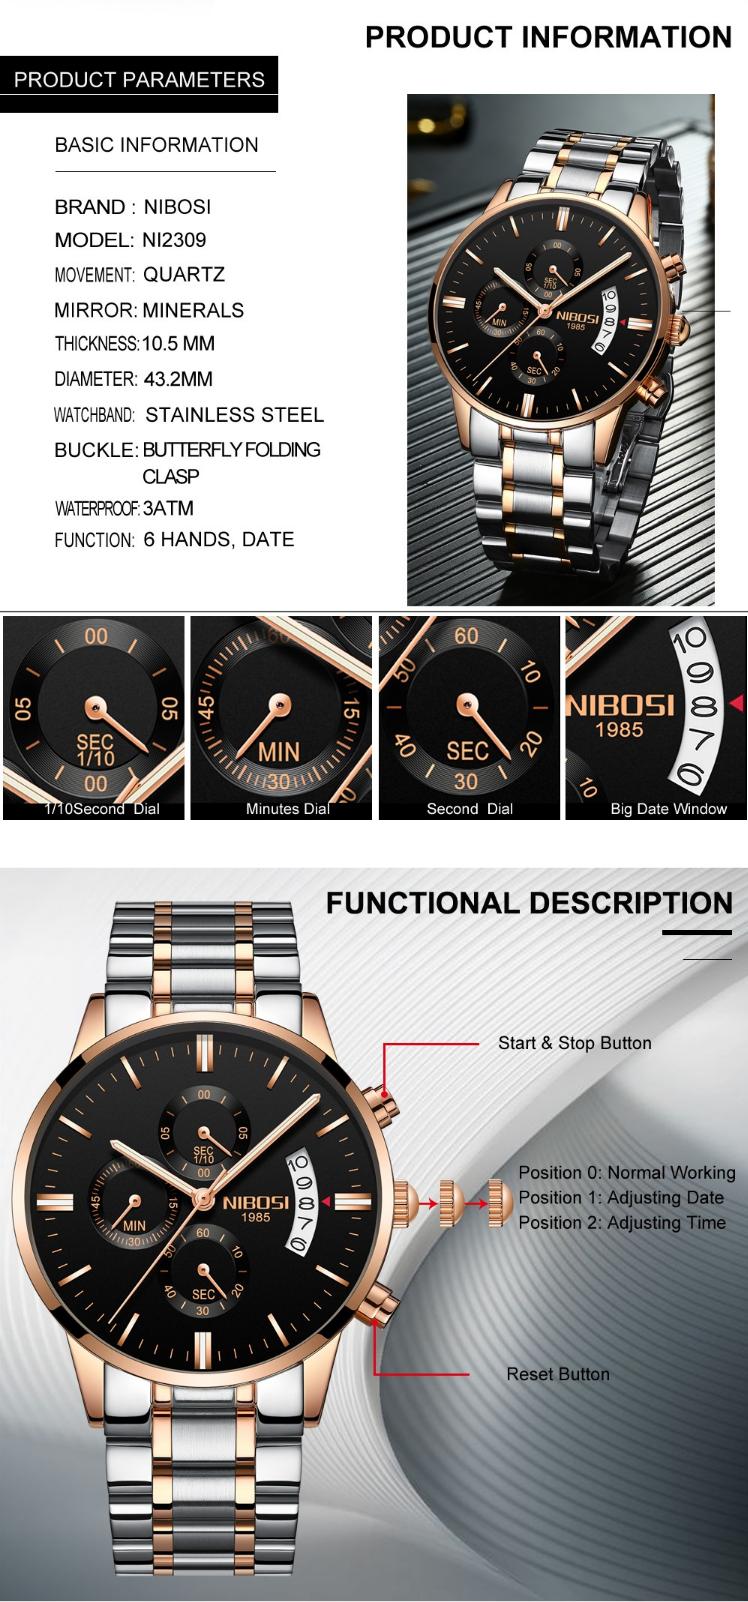 купить мужские часы Nibosi в украине